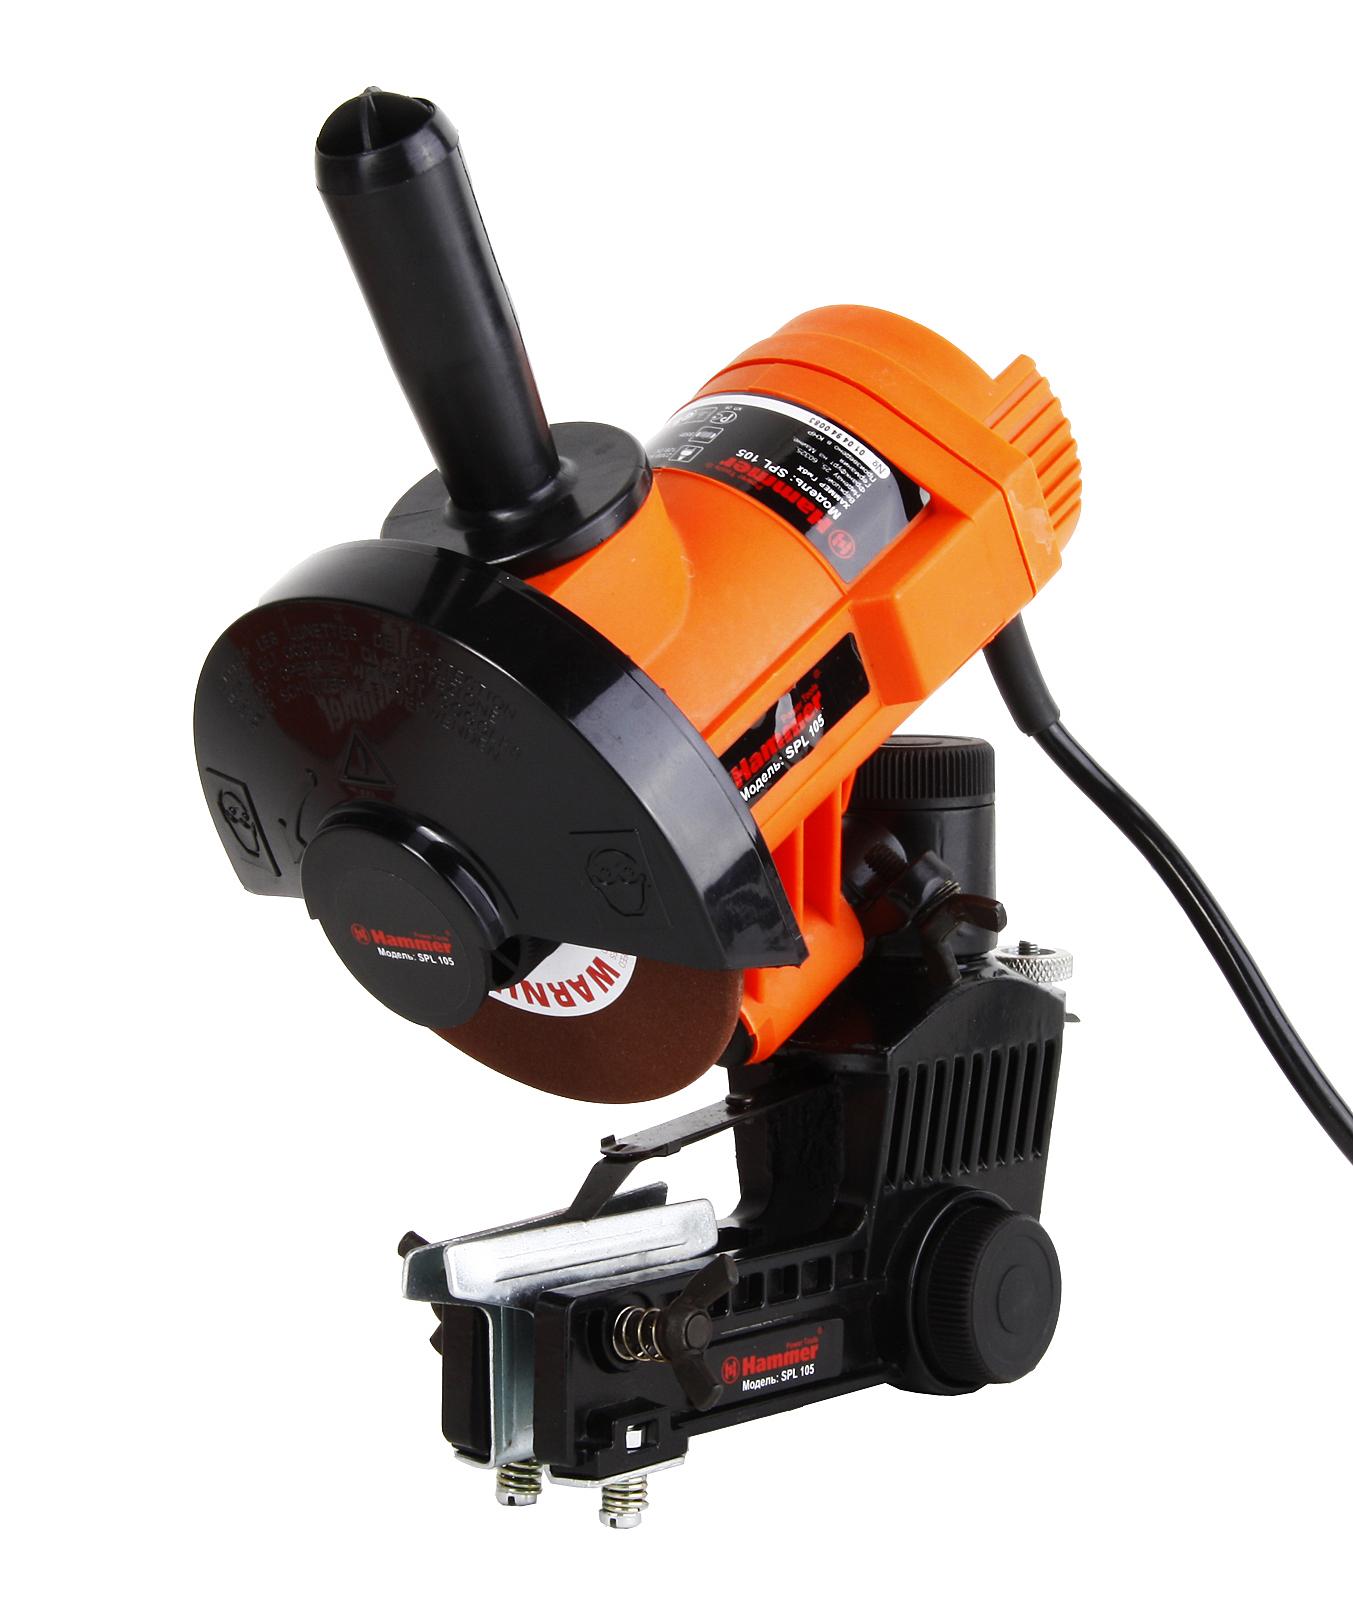 Станок Hammer Spl105 - это интересная покупка. Вы знаете, что приобрести товары производителя Hammer - это просто и цена доступная.